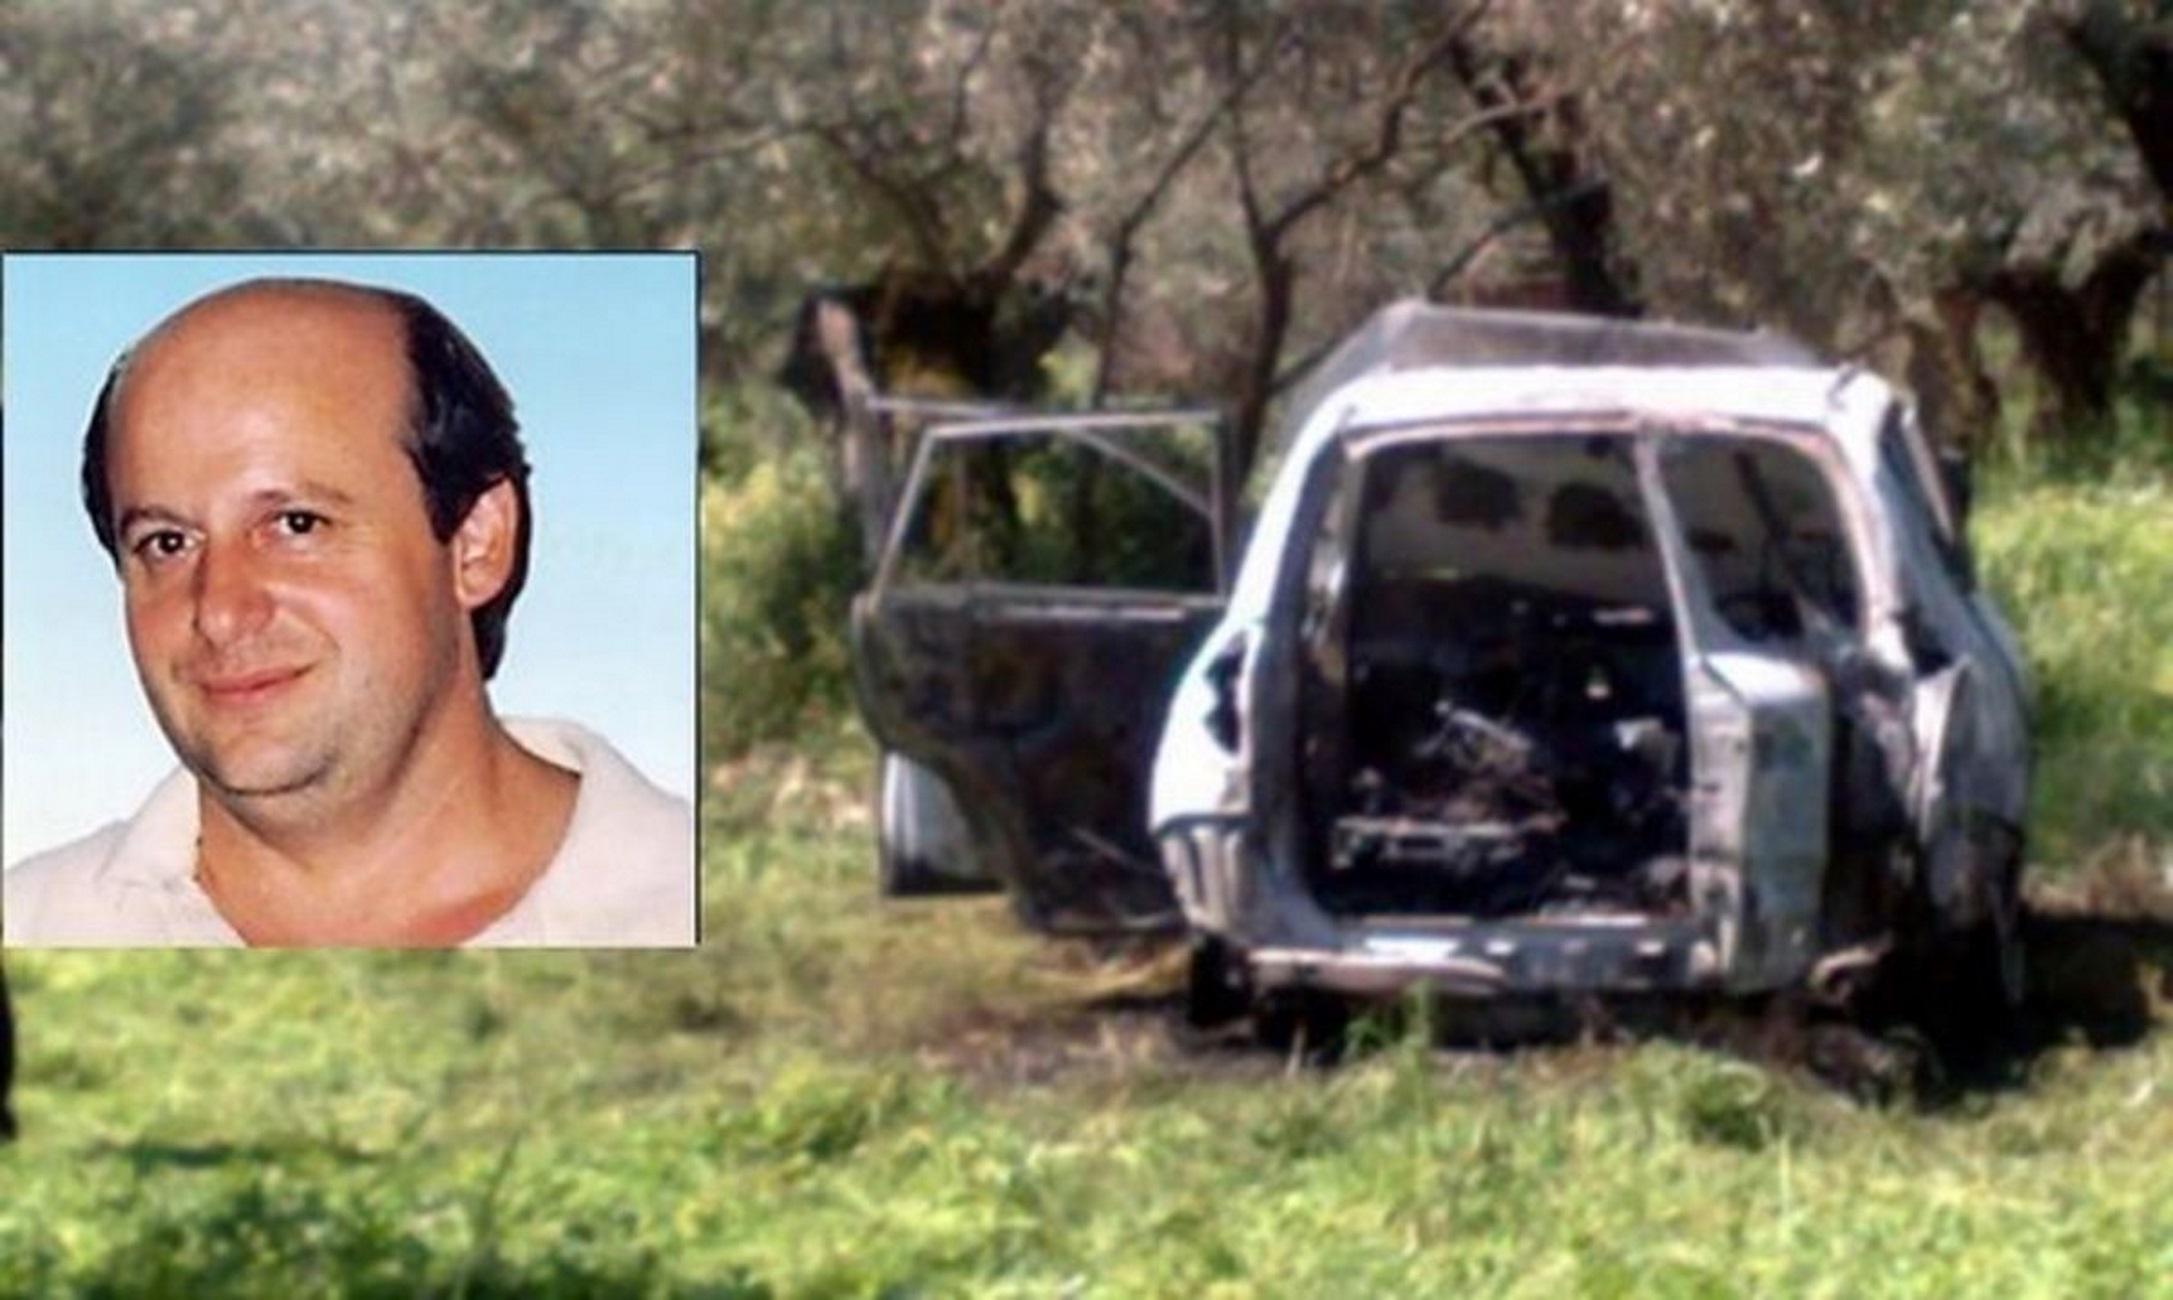 Αγρίνιο: Σοκάρει ο ιατροδικαστής για τη δολοφονία του δασκάλου! Στην αντεπίθεση η χήρα του Νίκου Μέντζου